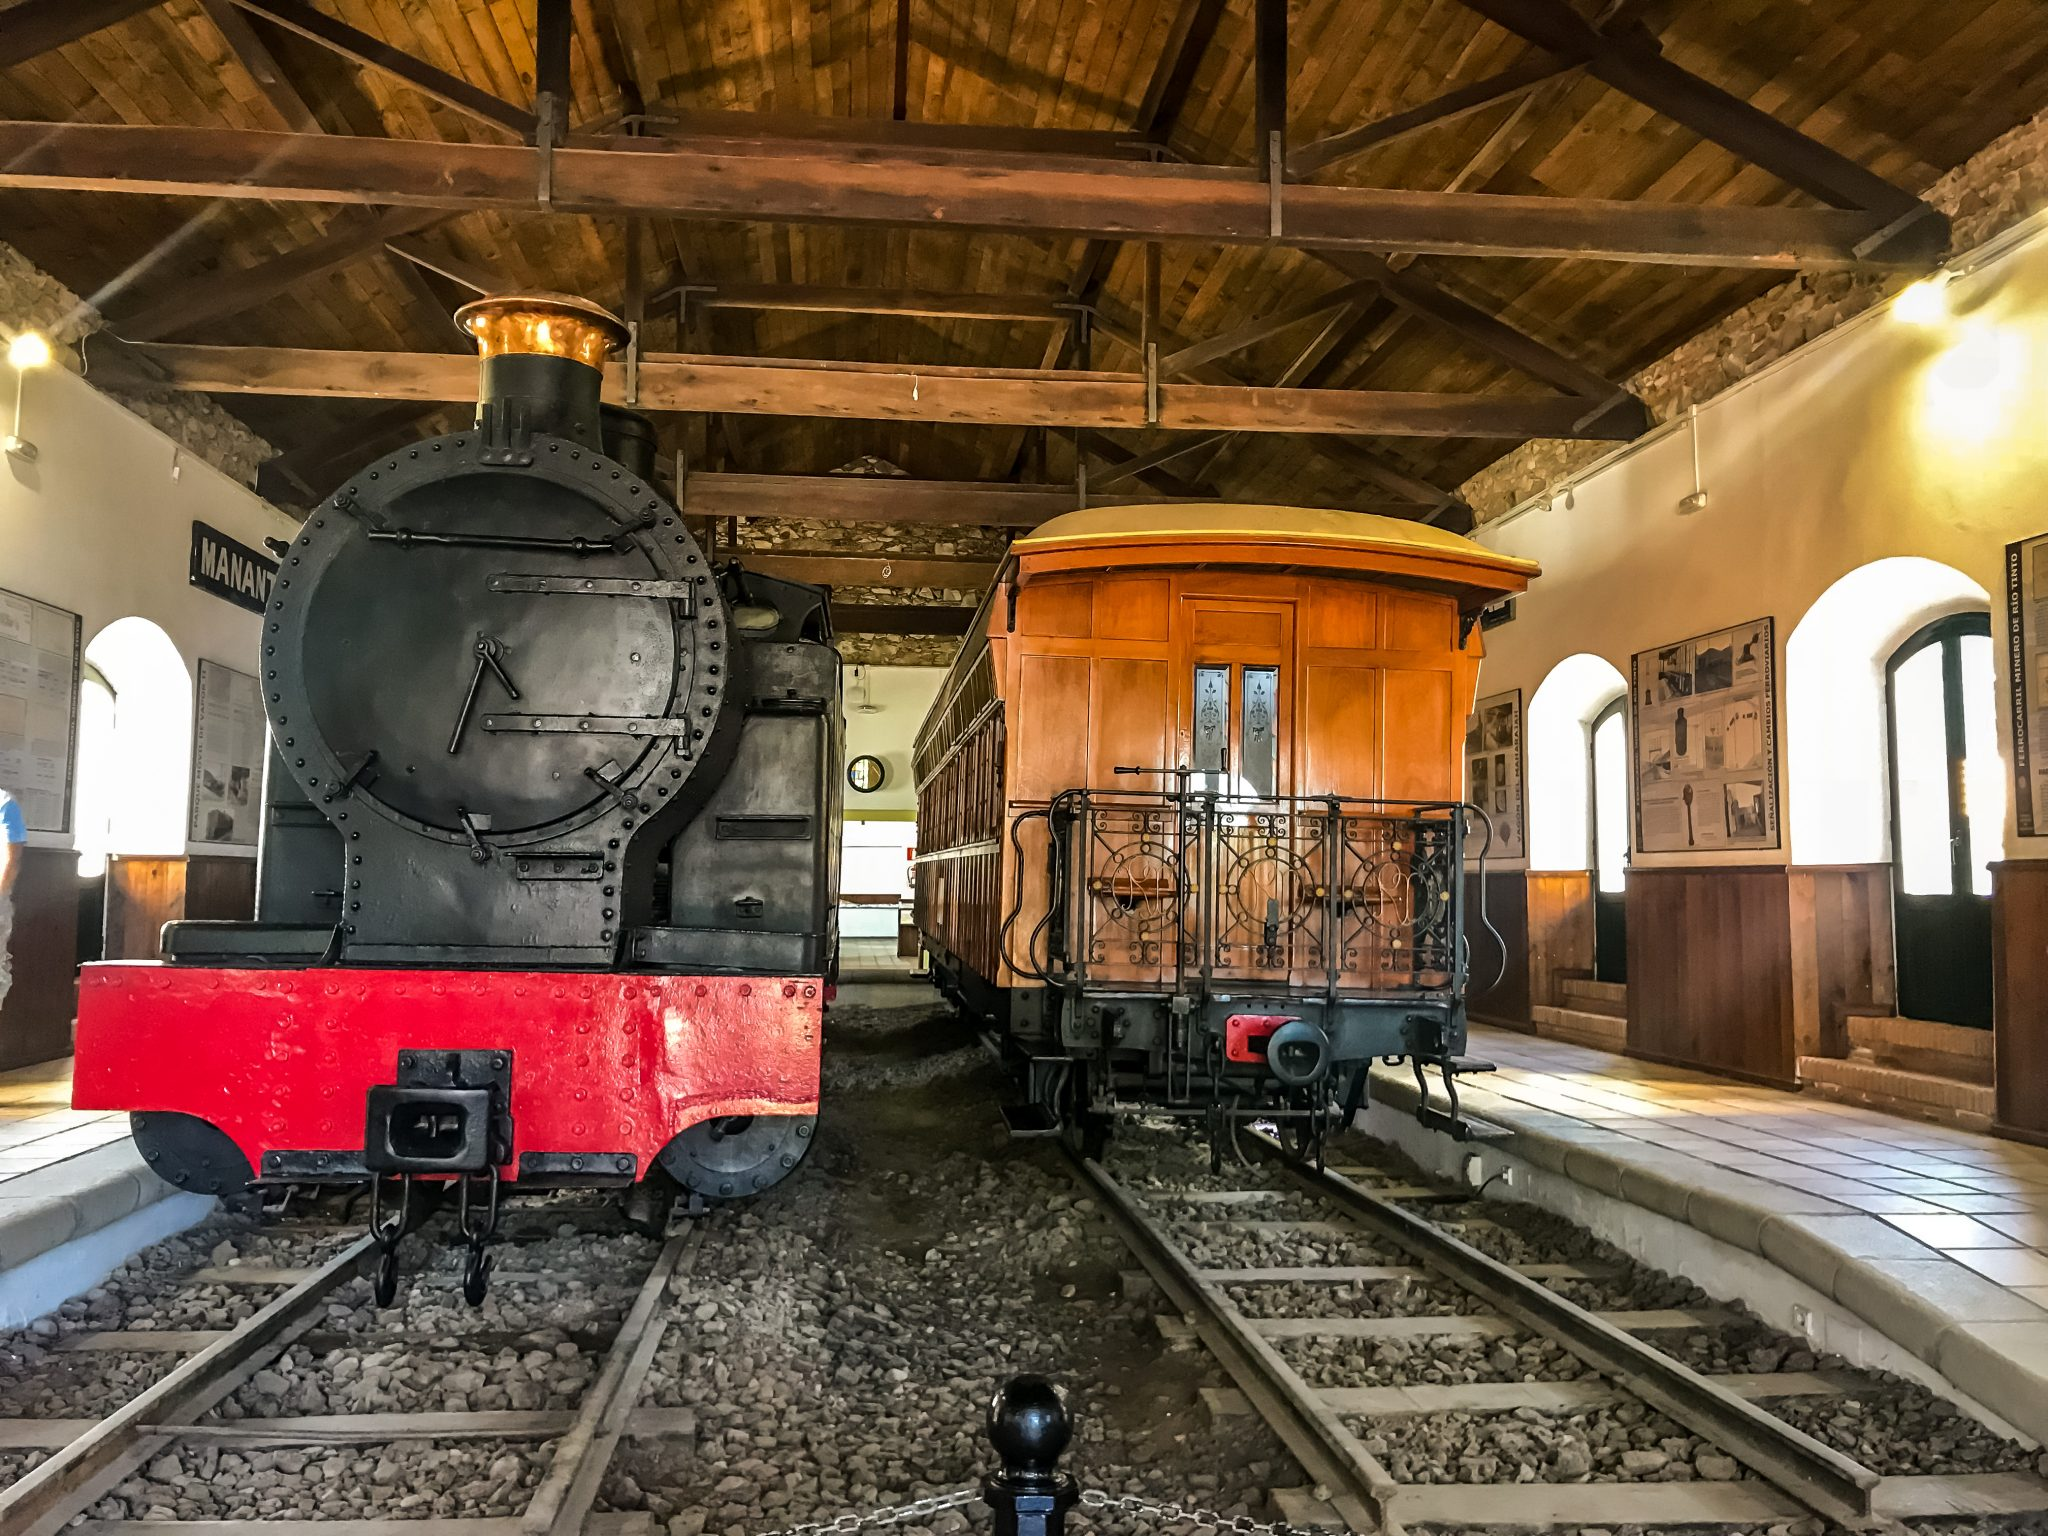 Im Museum kann man auch die antiken Züge bestaunen. Rechts befindet sich der Wagen des Maharadscha vom Jahre 1892, welcher als luxuriösester Schmalspurenwagen der Welt gilt.